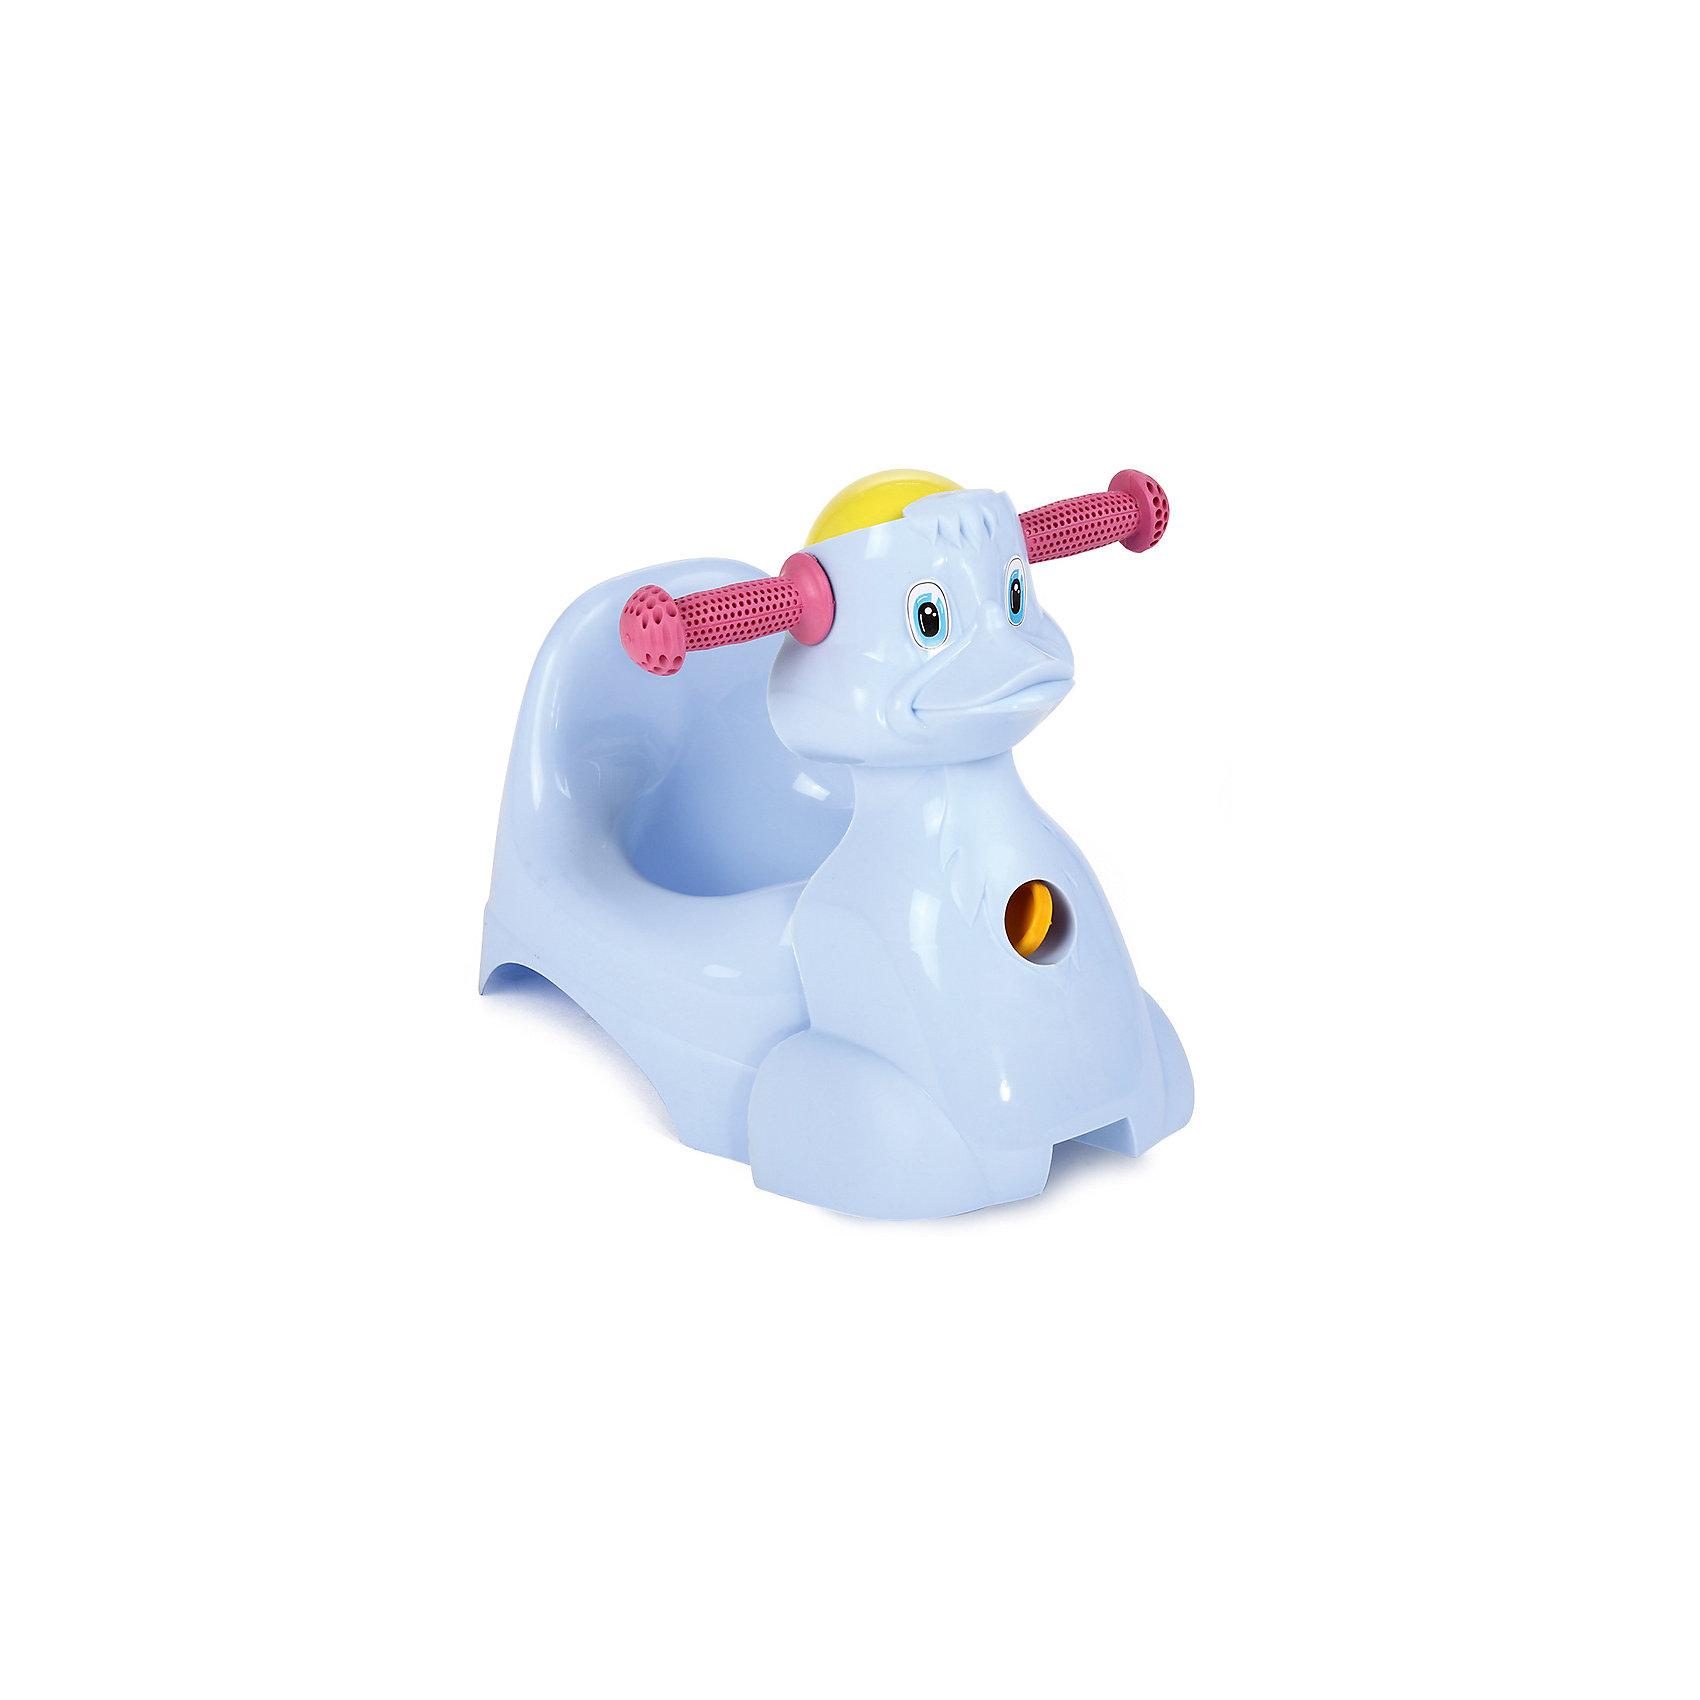 Горшок-игрушка Уточка, Пластик-Центр, голубойЗабавный и симпатичный горшок Уточка с удобными ручками и погремушкой-шариком. Изделие выполнено из высококачественного пластика, легкого, прочного и простого в уходе, и обладает следующими особенностями:<br>- позитивная расцветка;<br>- передняя часть выполнена в форме уточки и легко отцепляется от самой чаши;<br>- удобные прорезиненные ручки;<br>- веселая крутящаяся погремушка-шар;<br>- высокая поддерживающая спинка;<br>- эргономичная форма, плавно повторяющая изгибы тела малыша;<br>- удобная чаша овальной формы;<br>- очень устойчивая модель.<br>Прекрасный горшок для Вашего ребенка!<br><br>Дополнительная информация:<br>- вес: 700 гр.;<br>- габариты: 465х290х330 мм;<br>- цвет: голубой;<br>- материал: пластик;<br>- возрастная категория: для детей старше 6 месяцев<br><br>Горшок-игрушку Уточка можно купить в нашем магазине<br><br>Ширина мм: 465<br>Глубина мм: 290<br>Высота мм: 330<br>Вес г: 700<br>Возраст от месяцев: -2147483648<br>Возраст до месяцев: 2147483647<br>Пол: Мужской<br>Возраст: Детский<br>SKU: 3946081